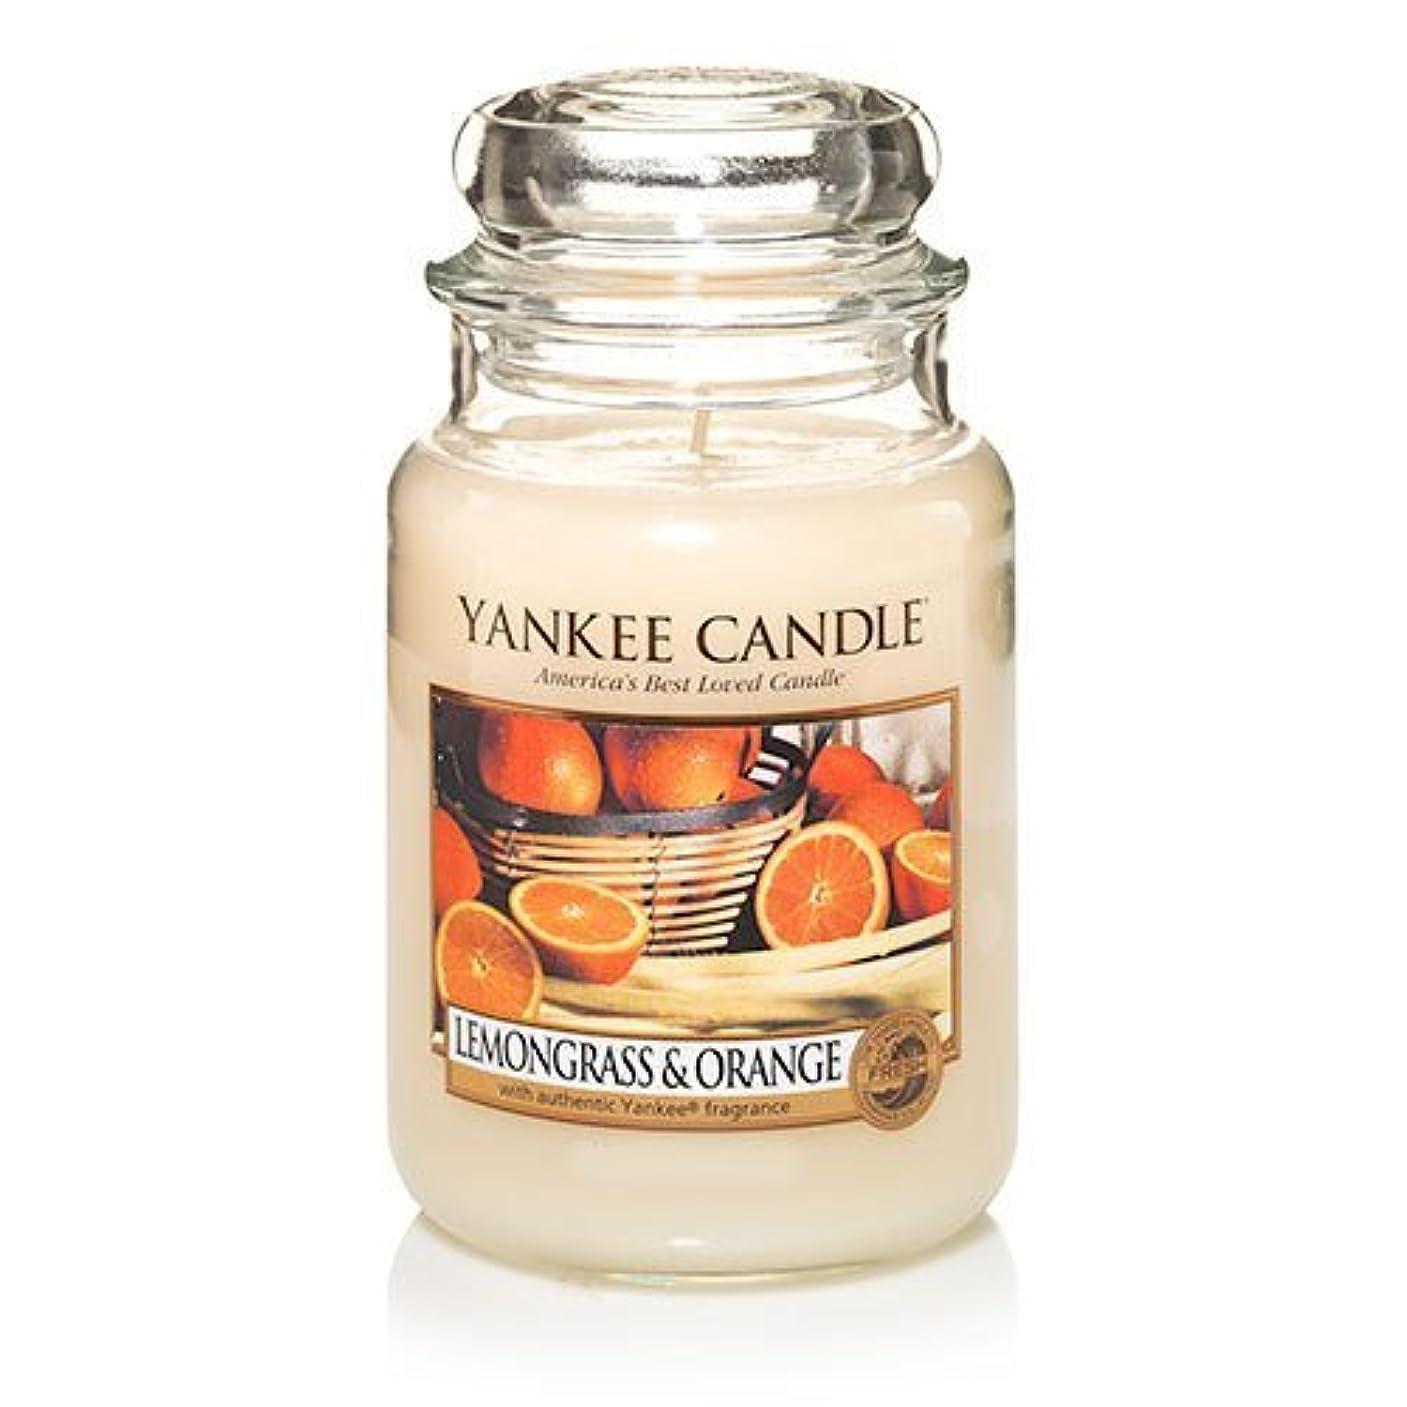 検出する協会コンプライアンスYankee Candle Lemongrass & Orange - 22oz Large Housewarmer Jar by Yankee Candle [並行輸入品]